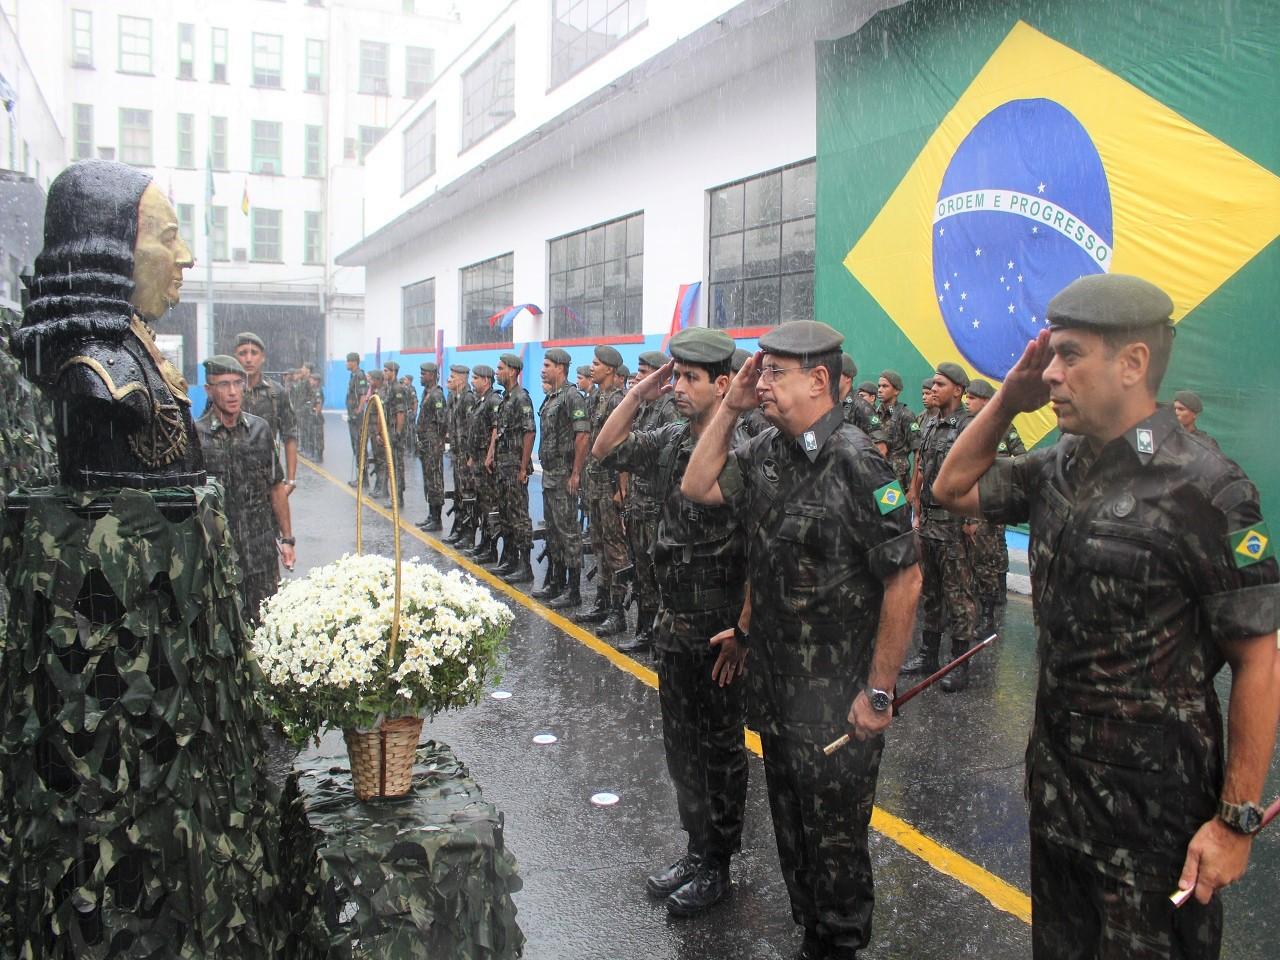 Fundado em 1762, Arsenal de Guerra do Rio comemora seus 257 anos